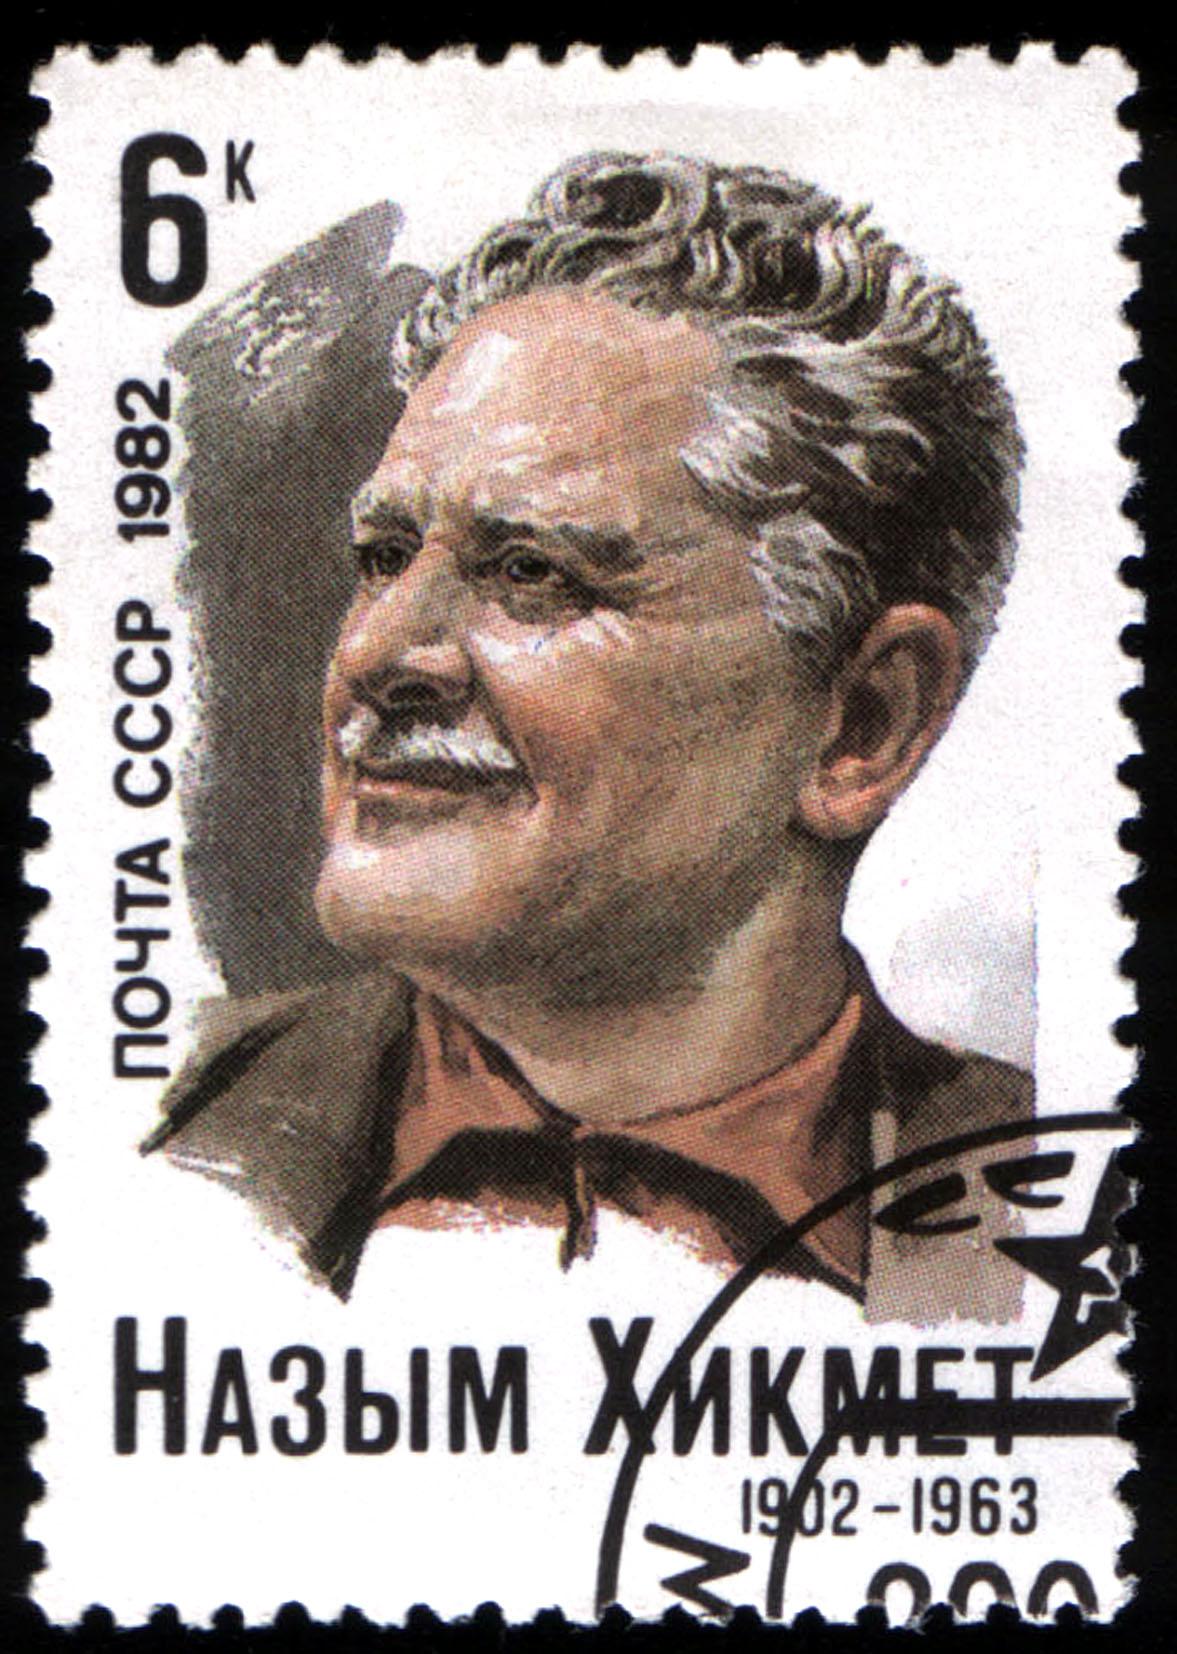 Francobollo sovietico con ritratto di Hikmet